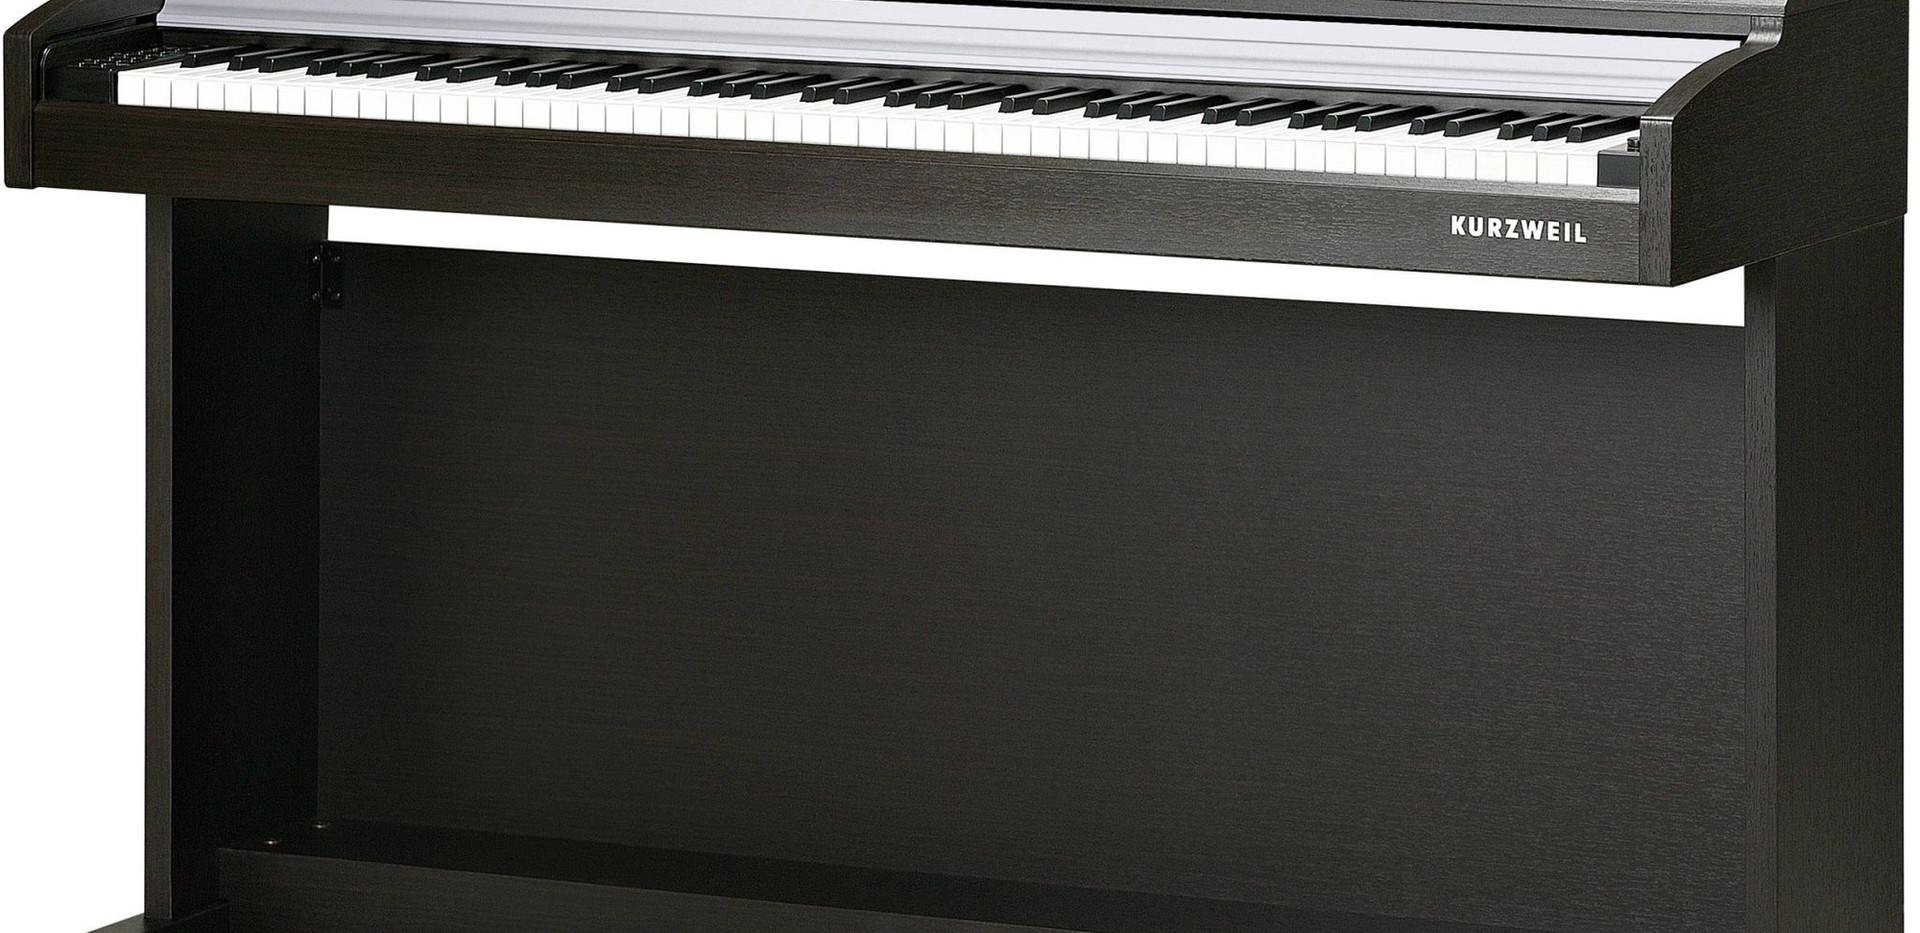 Kurzweil M 210